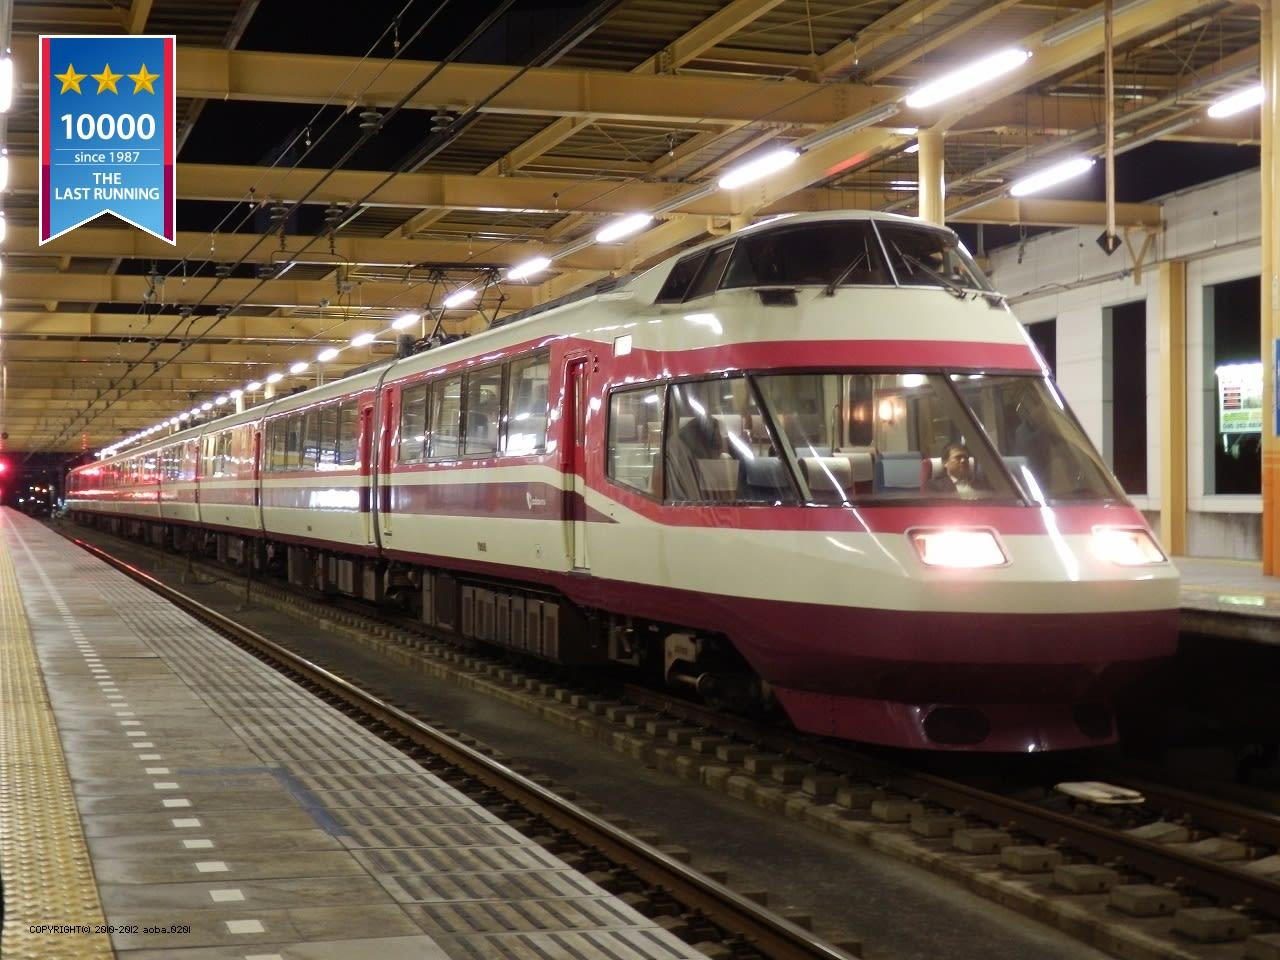 小田急10000形 Hise 壁紙置き場 列車番号1042の部屋